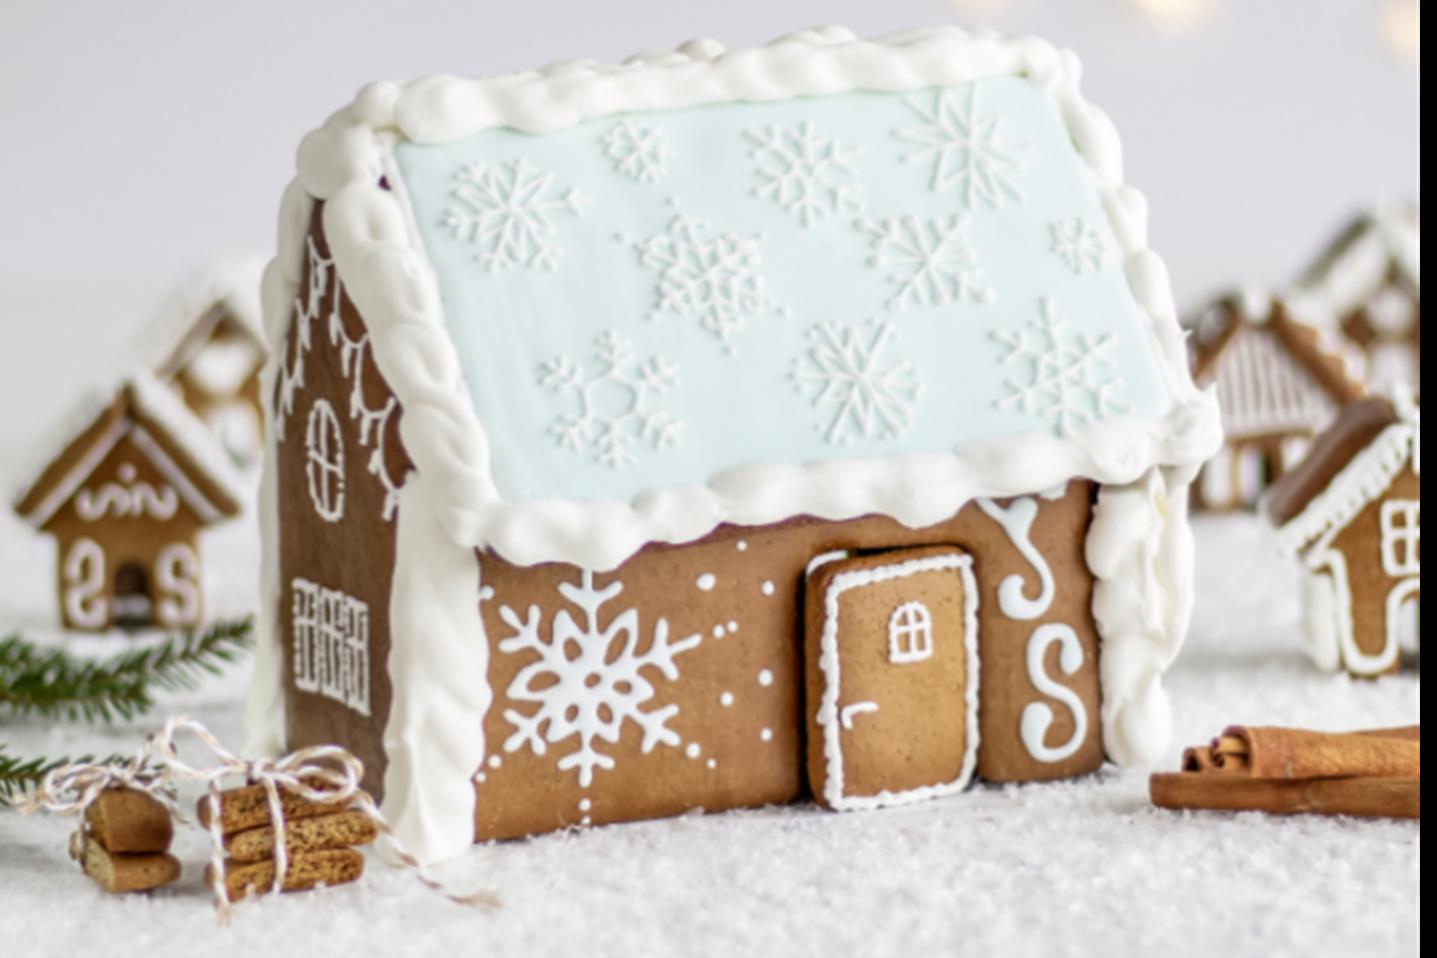 Maak je eigen peperkoekhuisje deze kerst!